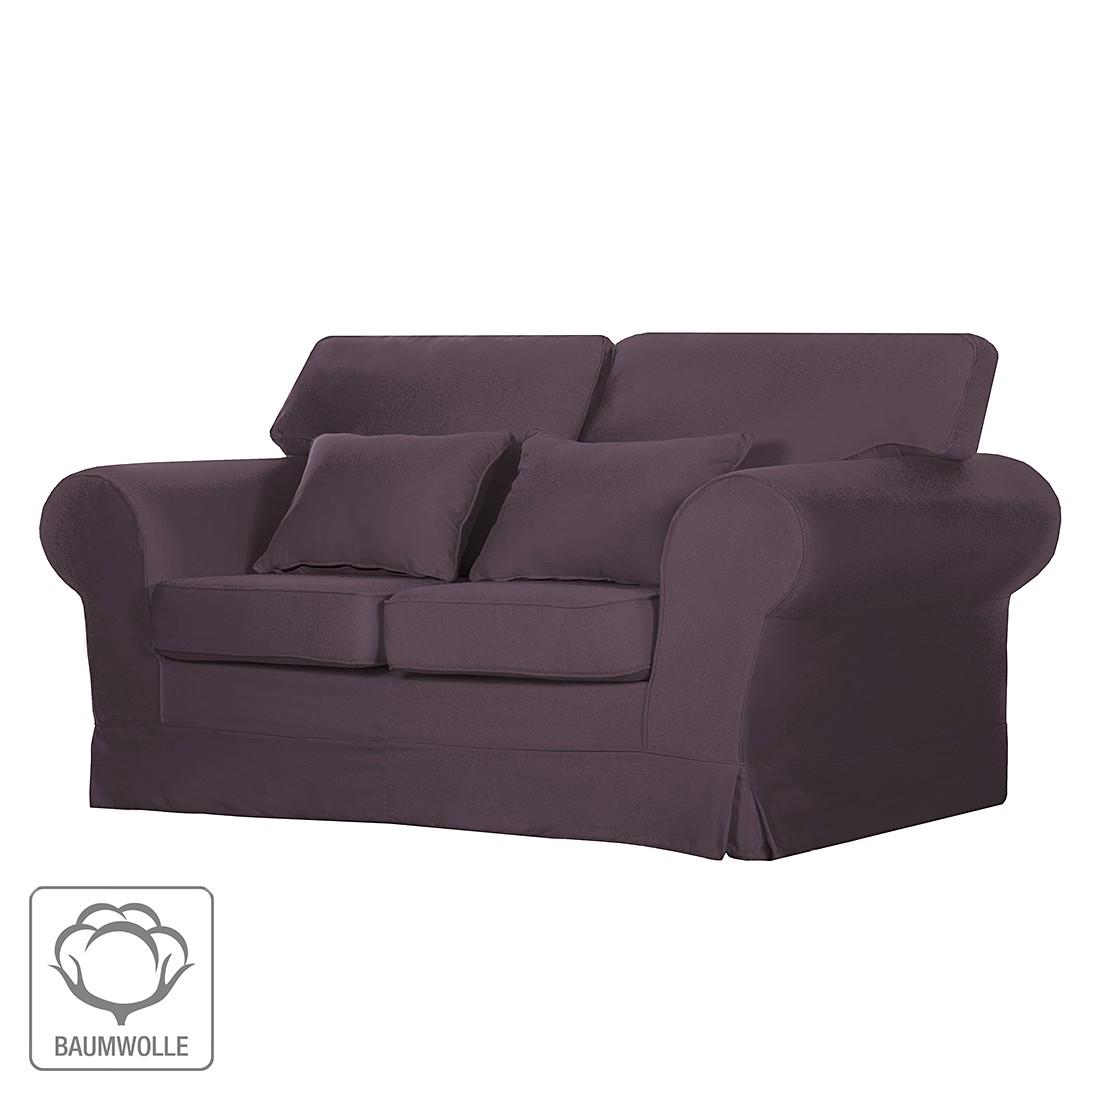 Sofa Bradford (2-Sitzer) – Baumwollstoff Aubergine, Maison Belfort günstig kaufen